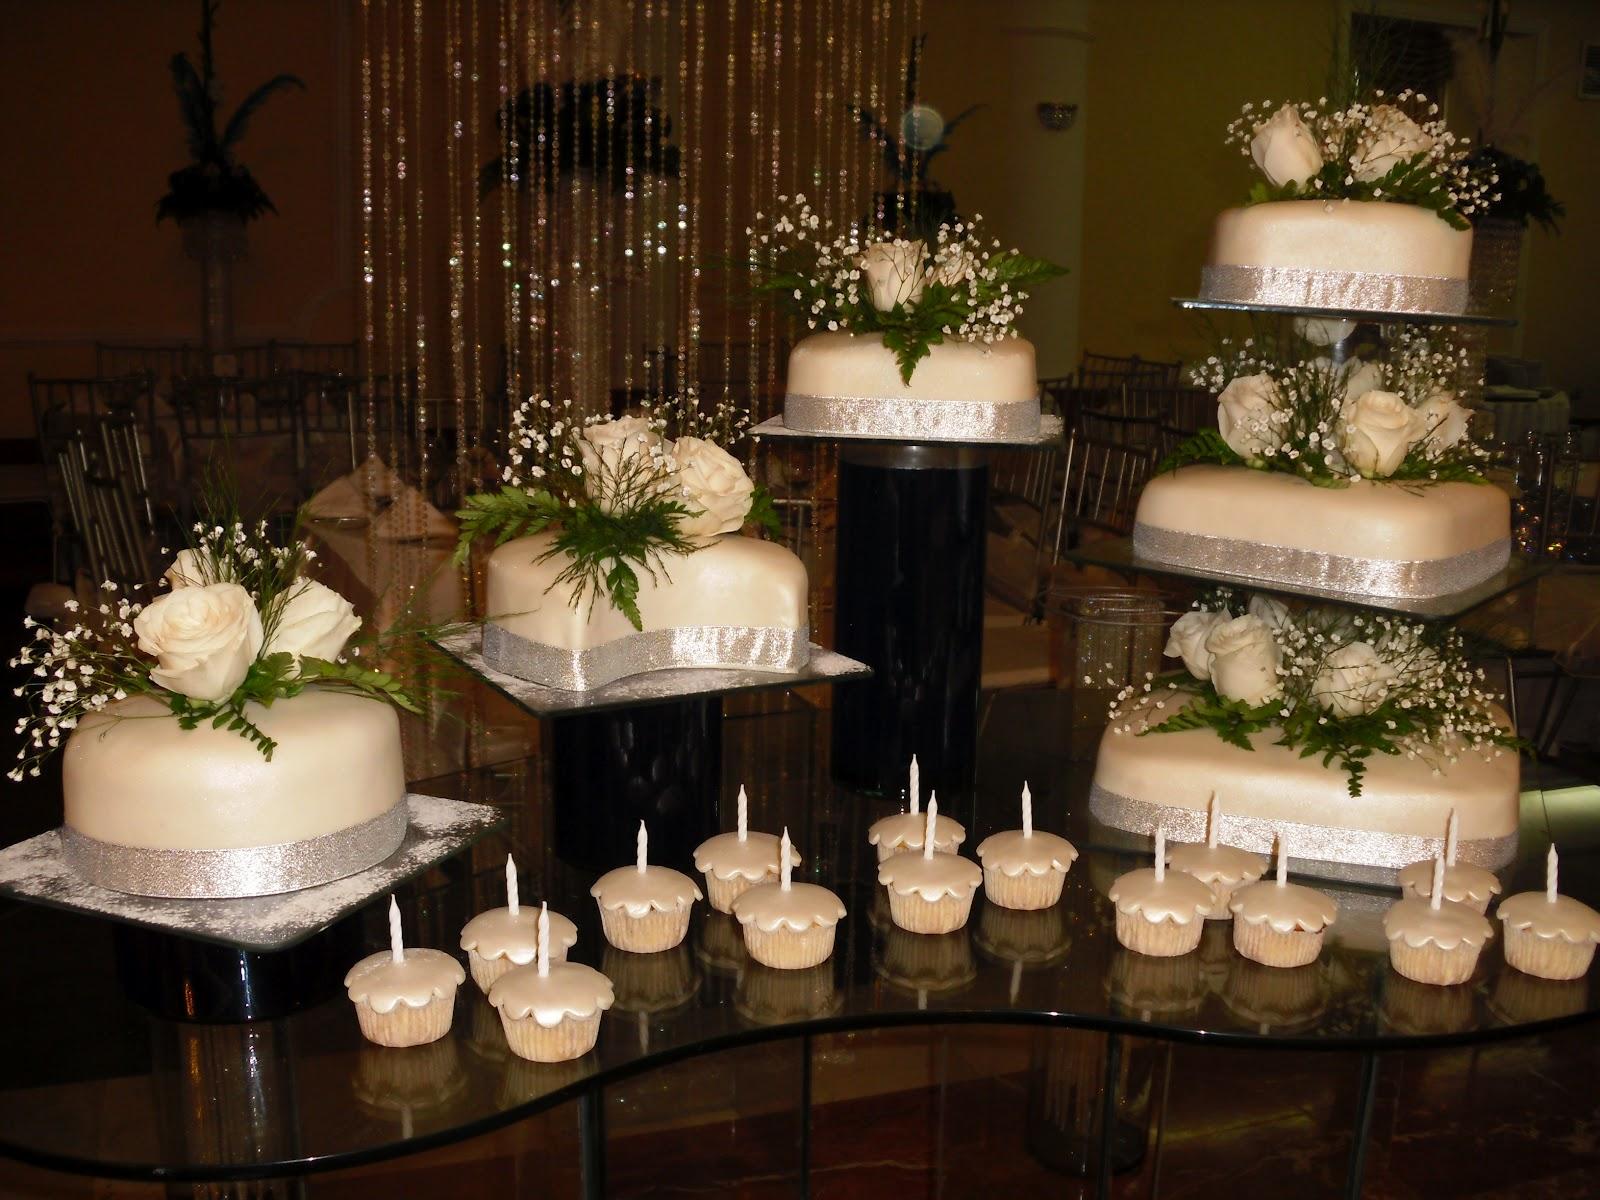 Tortas decoradas para bodas y quince a os en valencia for Decoracion bodas valencia